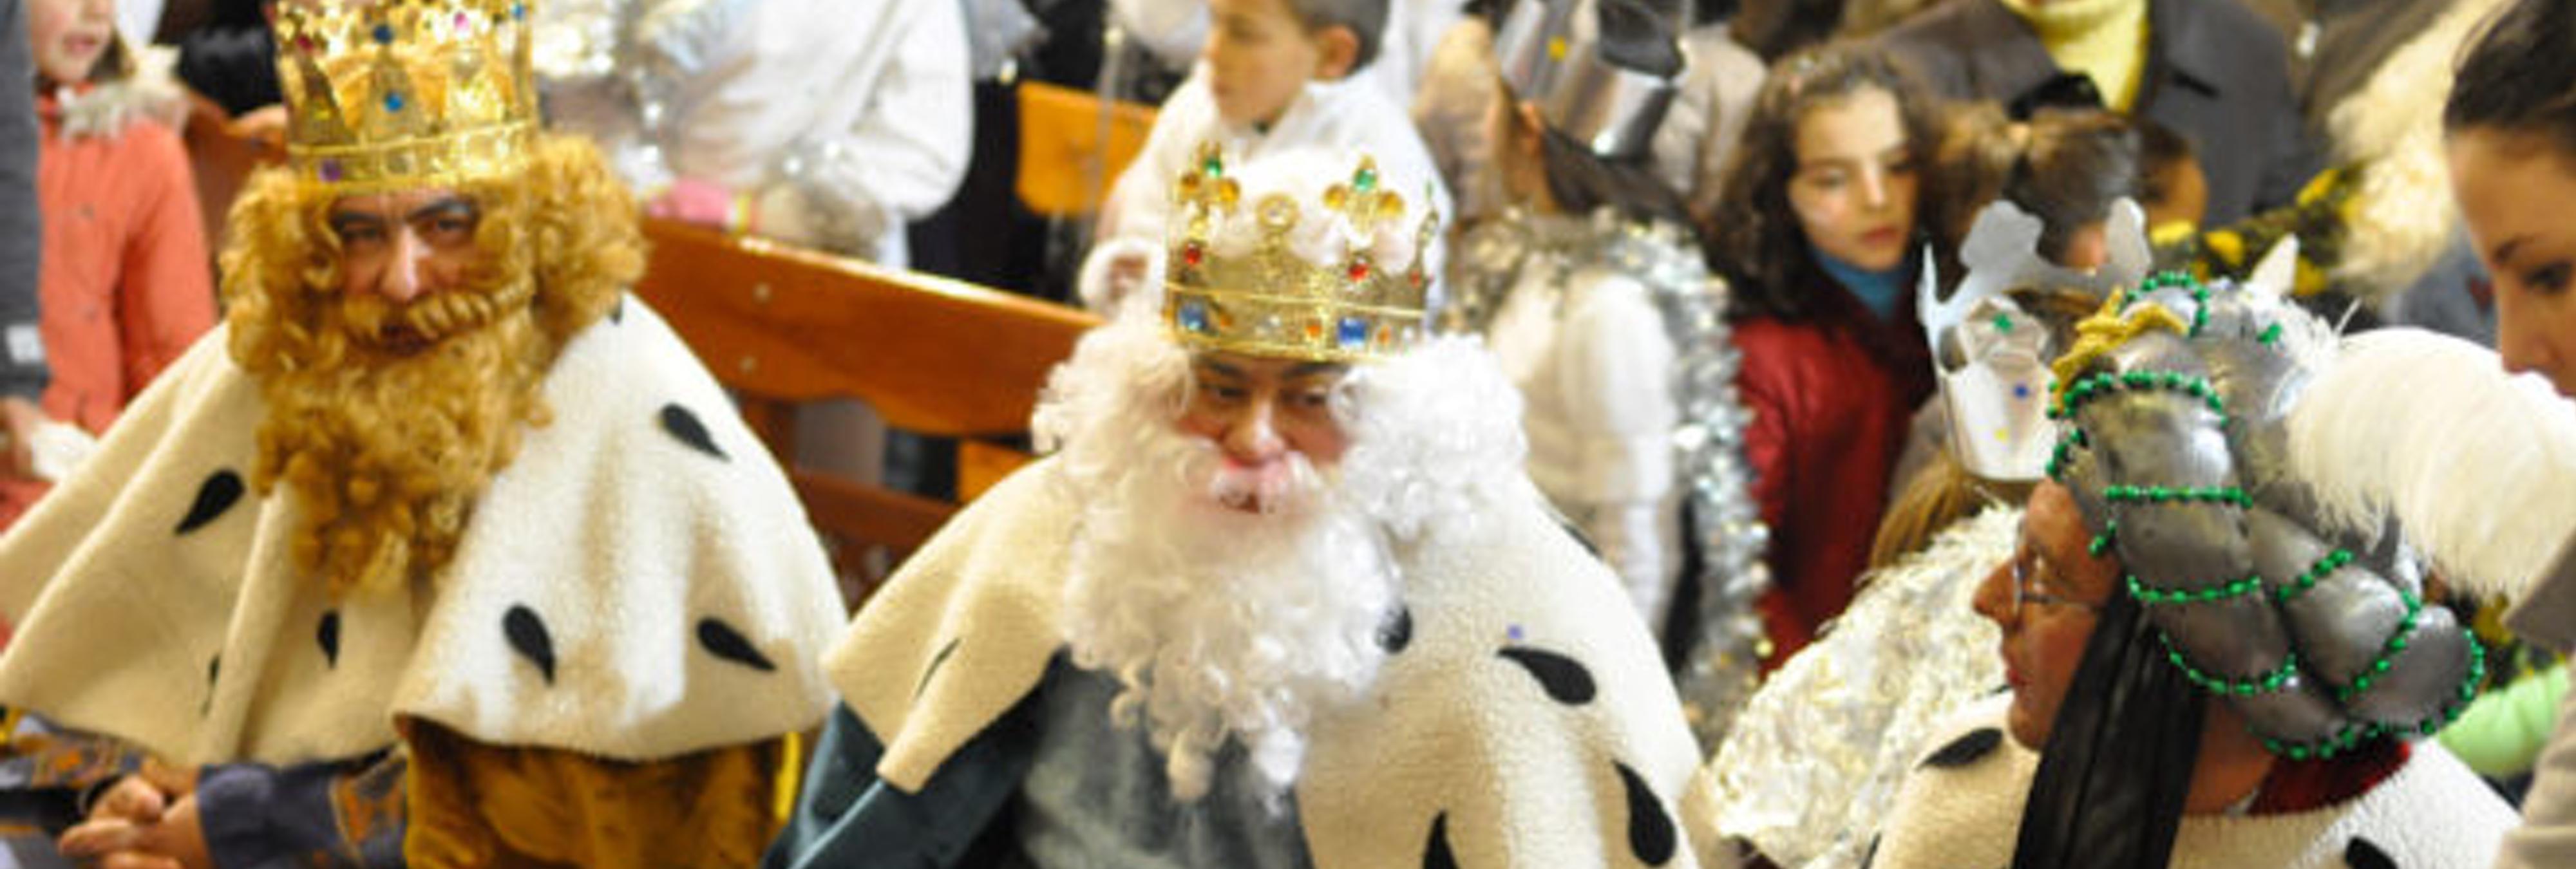 La carta viral que ayuda a explicar a los niños 'la verdad' sobre los Reyes Magos